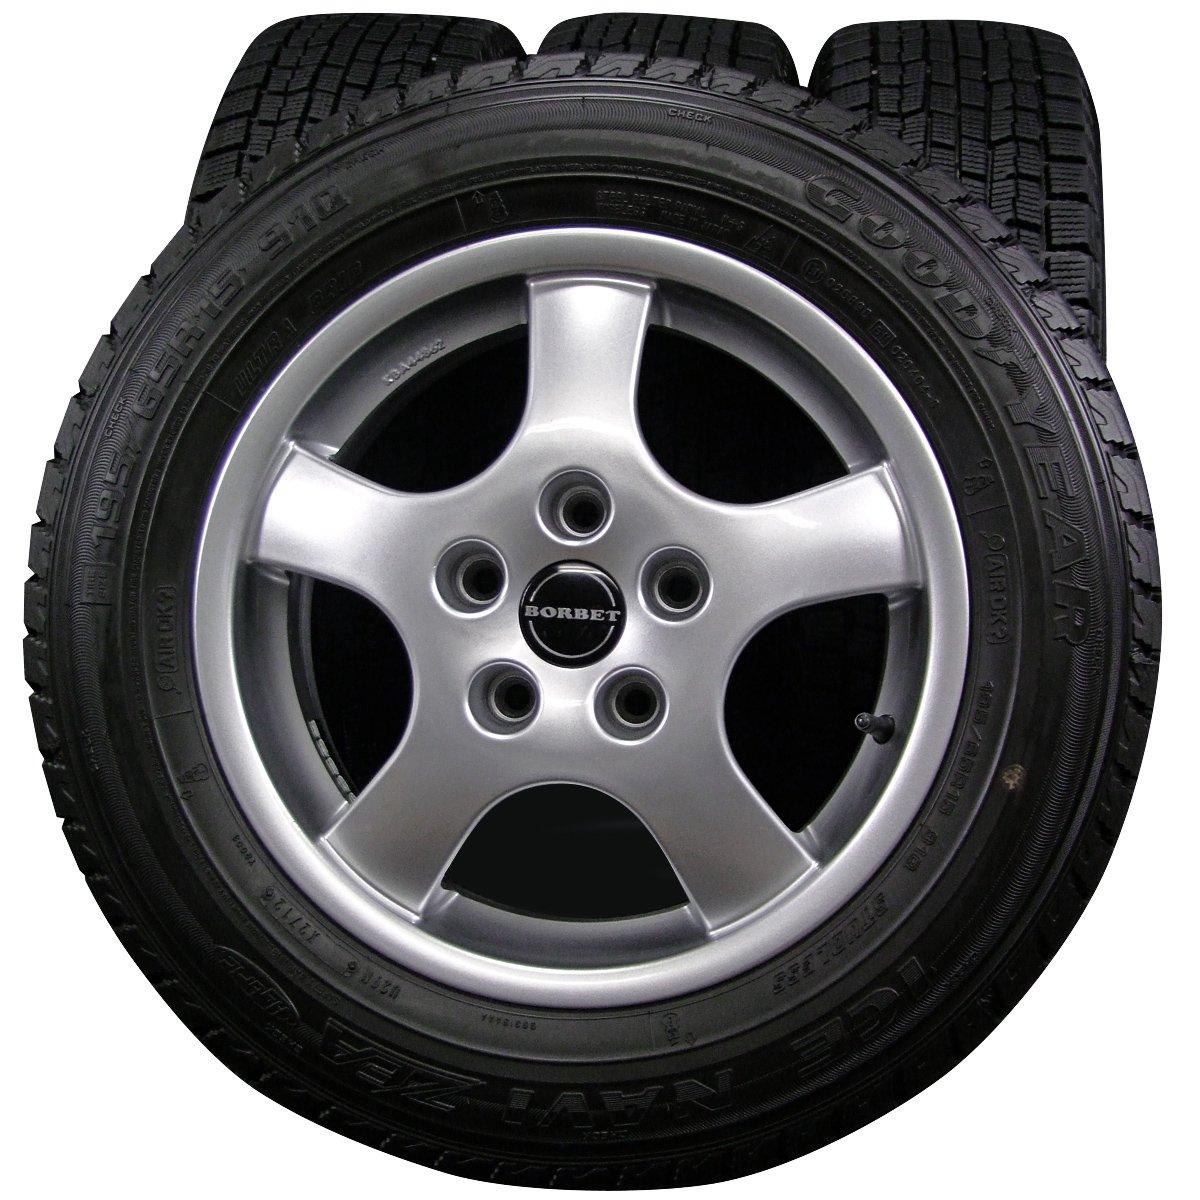 15インチ 4本セット スタッドレスタイヤ&ホイール GOODYEAR ICENAVI ZEA 195/65R15 BORBET type CB B01N95058I